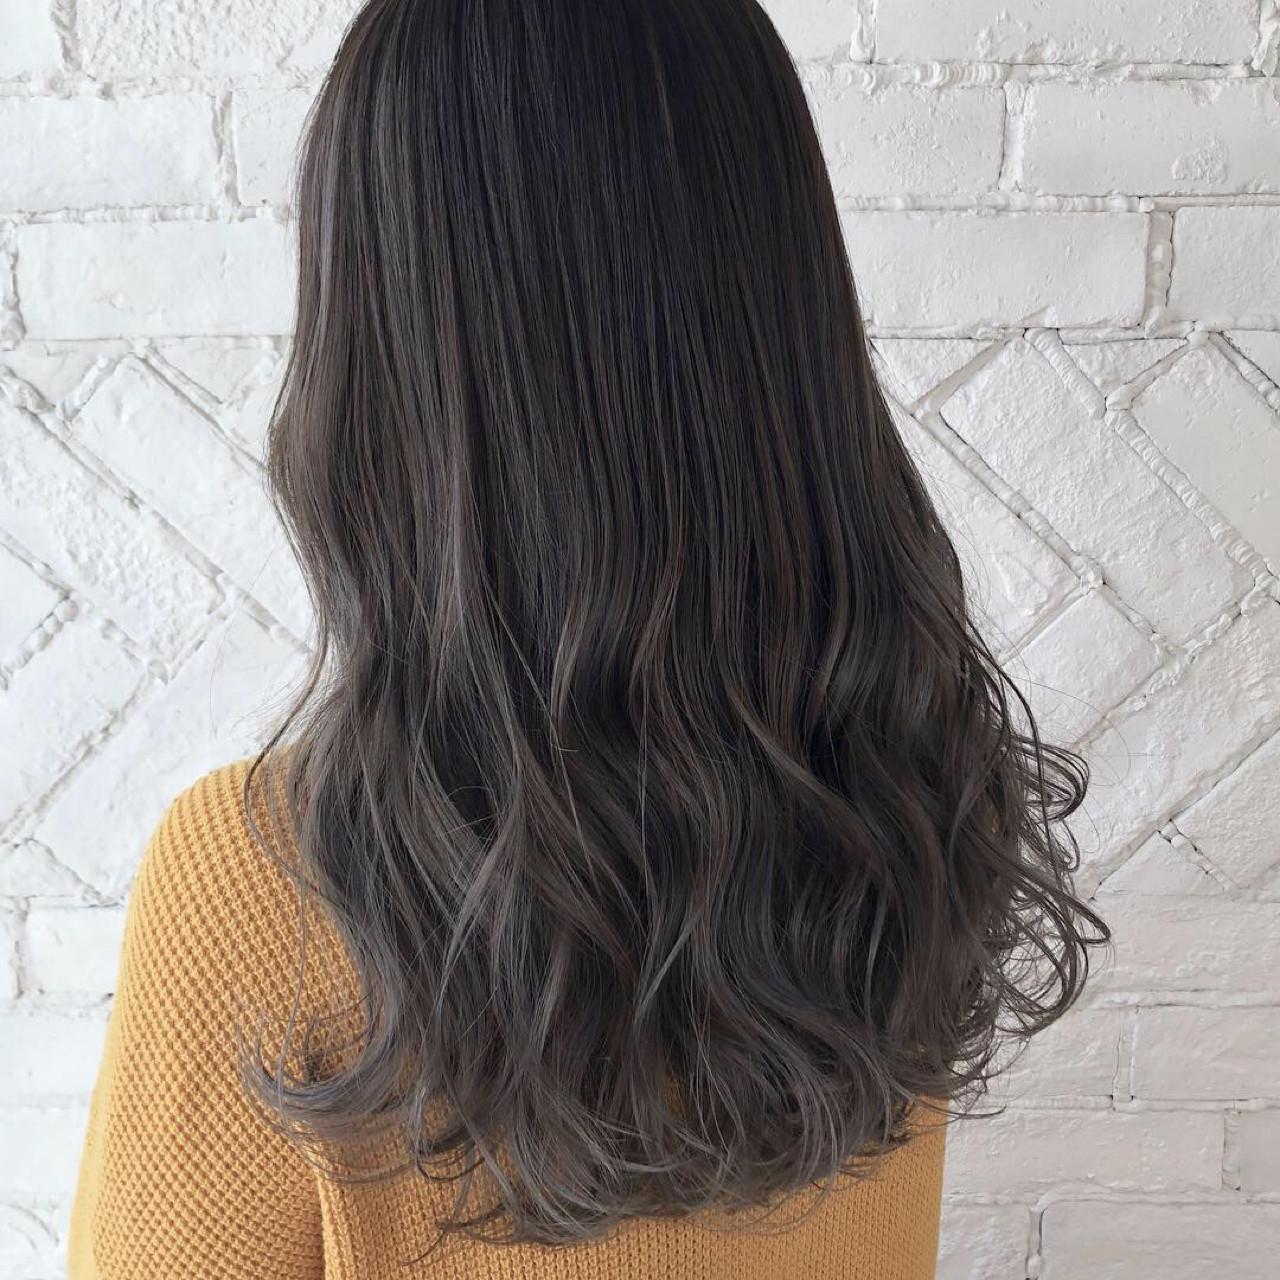 グレージュ 外国人風カラー ハイトーン アンニュイ ヘアスタイルや髪型の写真・画像 | takuya / mlife